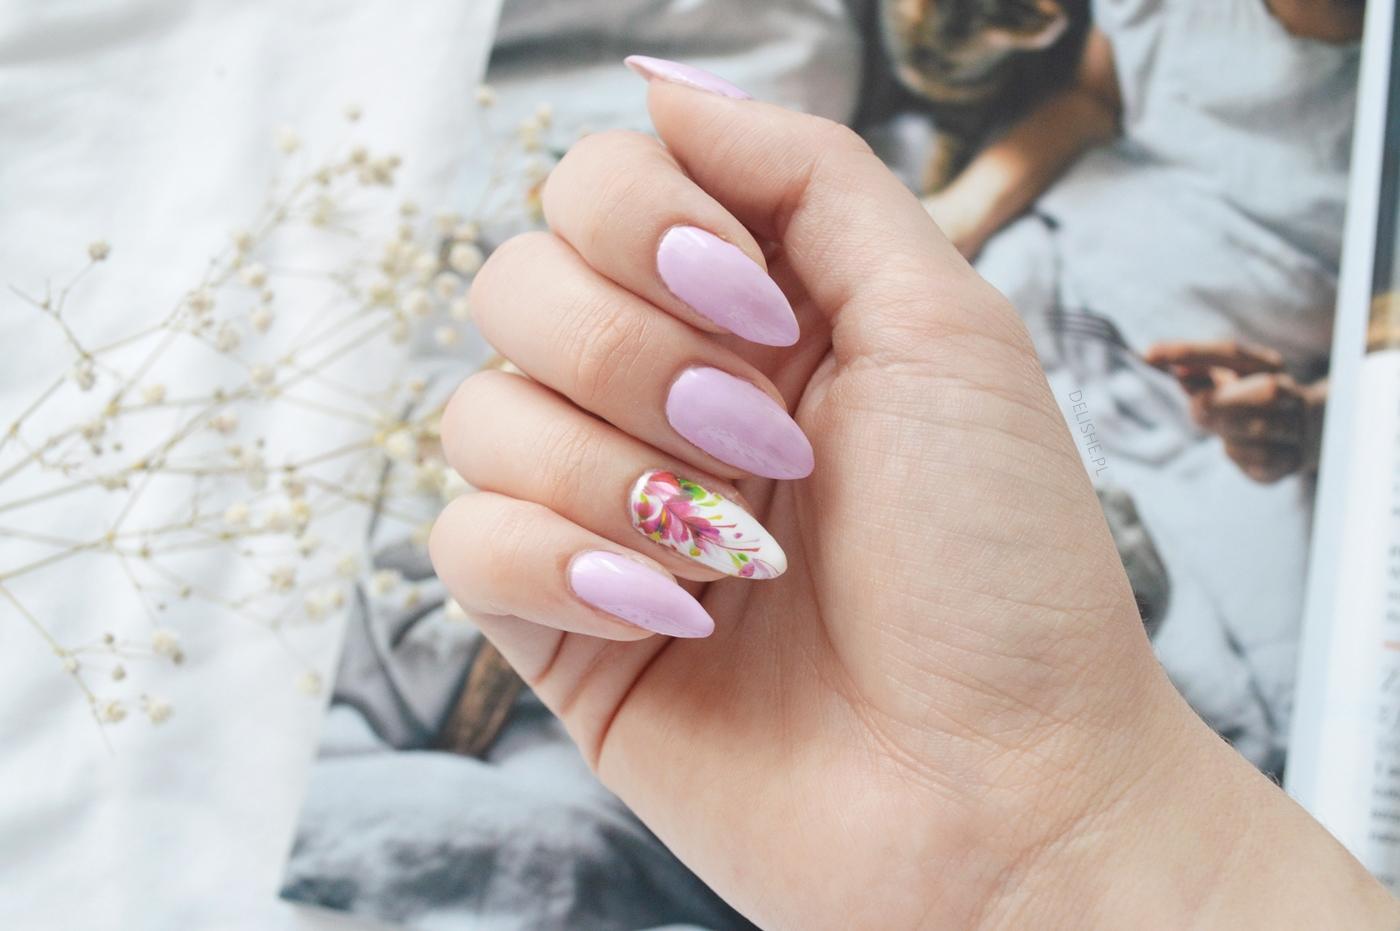 nox nails wrzos manicure hybrydowy blog